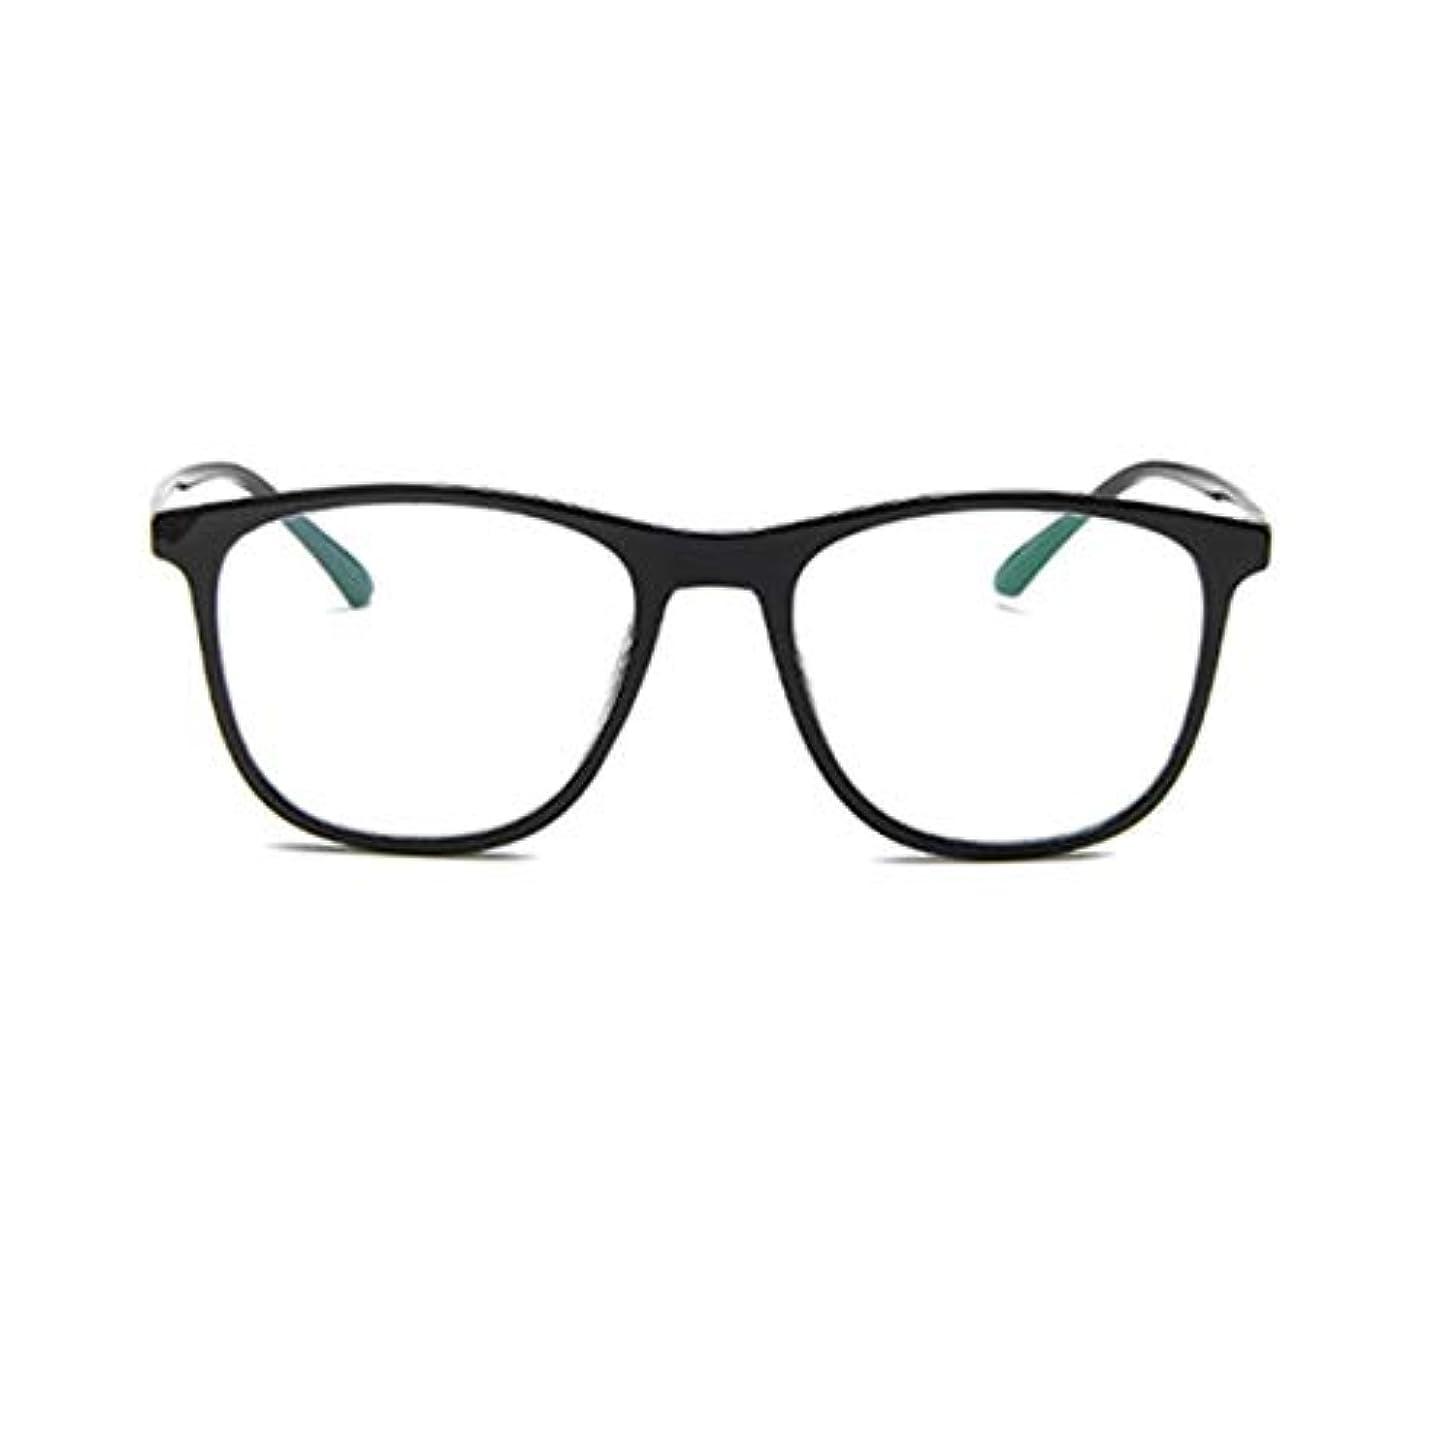 今後欠如公園韓国の学生のプレーンメガネの男性と女性のファッションメガネフレーム近視メガネフレームファッショナブルなシンプルなメガネ-ブライトブラック